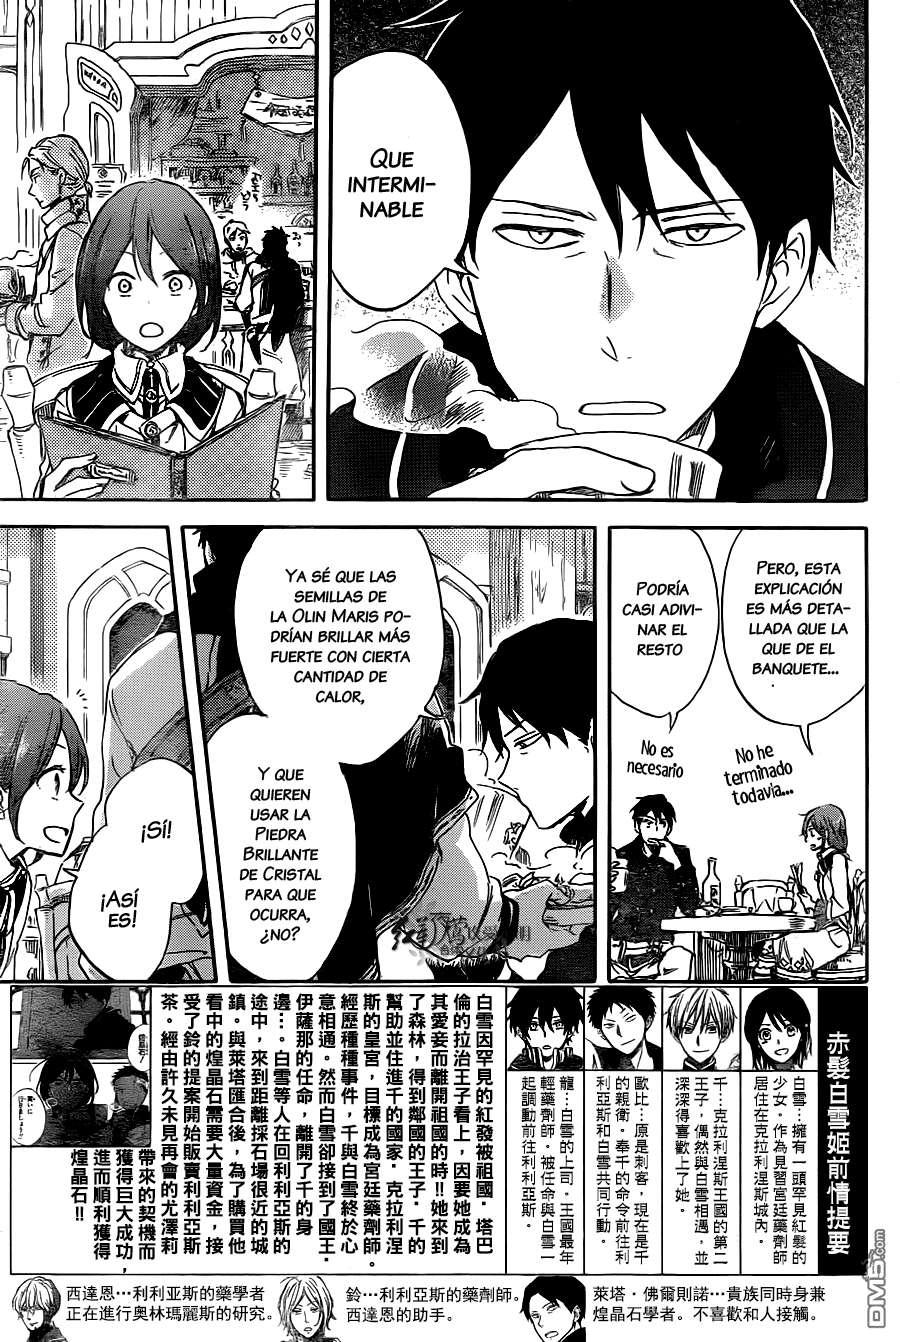 https://c5.ninemanga.com/es_manga/12/16588/420767/e45b57328efc96d2d189df7b31fe57b0.jpg Page 6